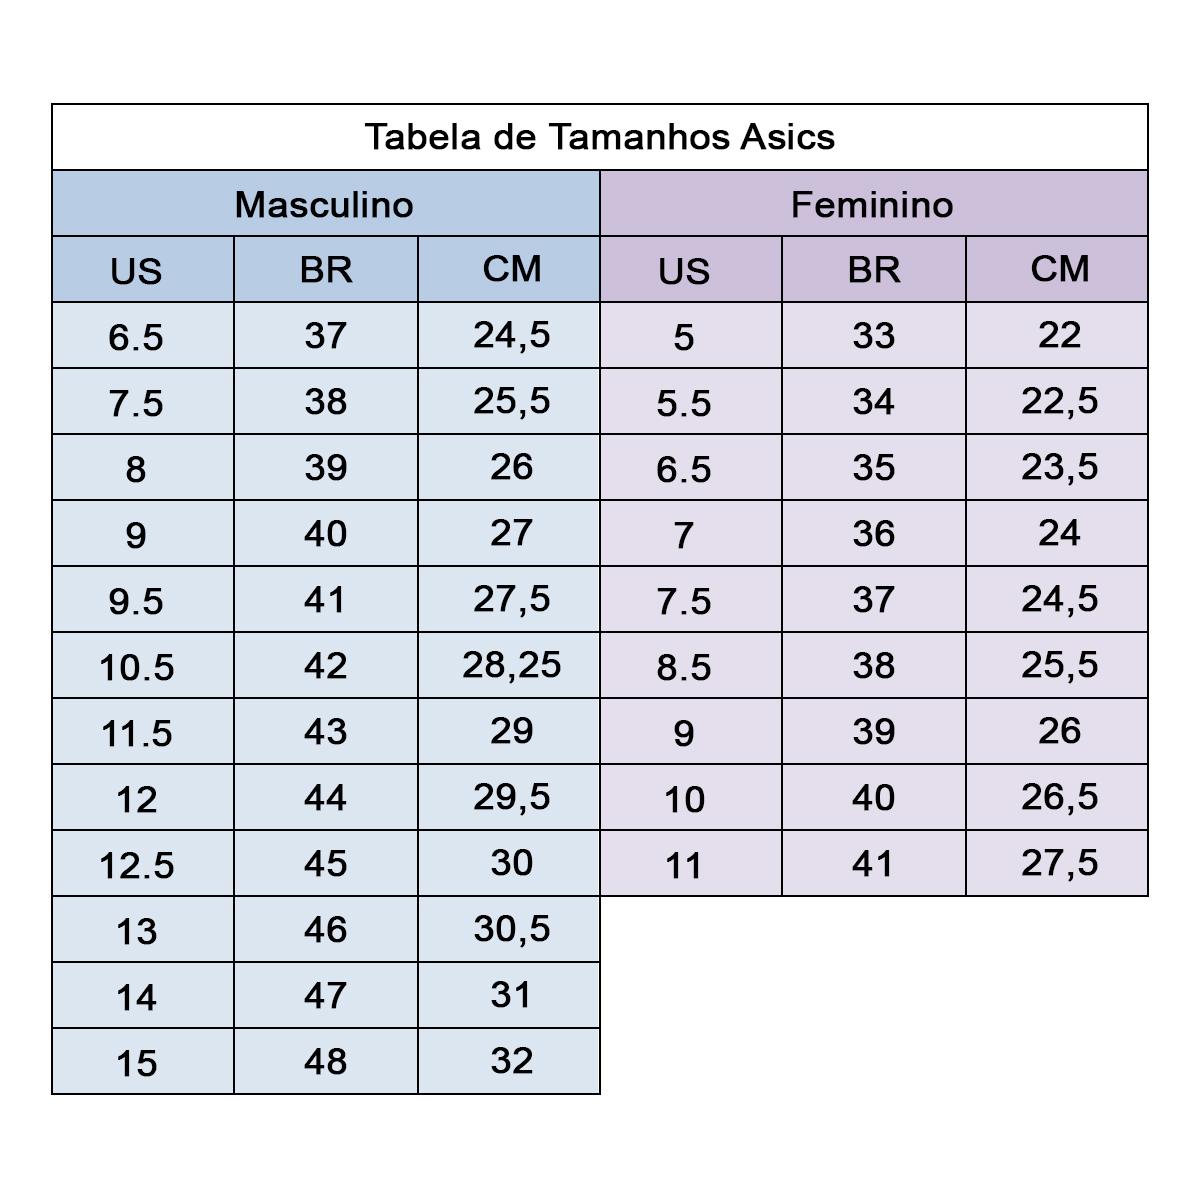 Tabela de tamanhos Asics - Ativa Esportes